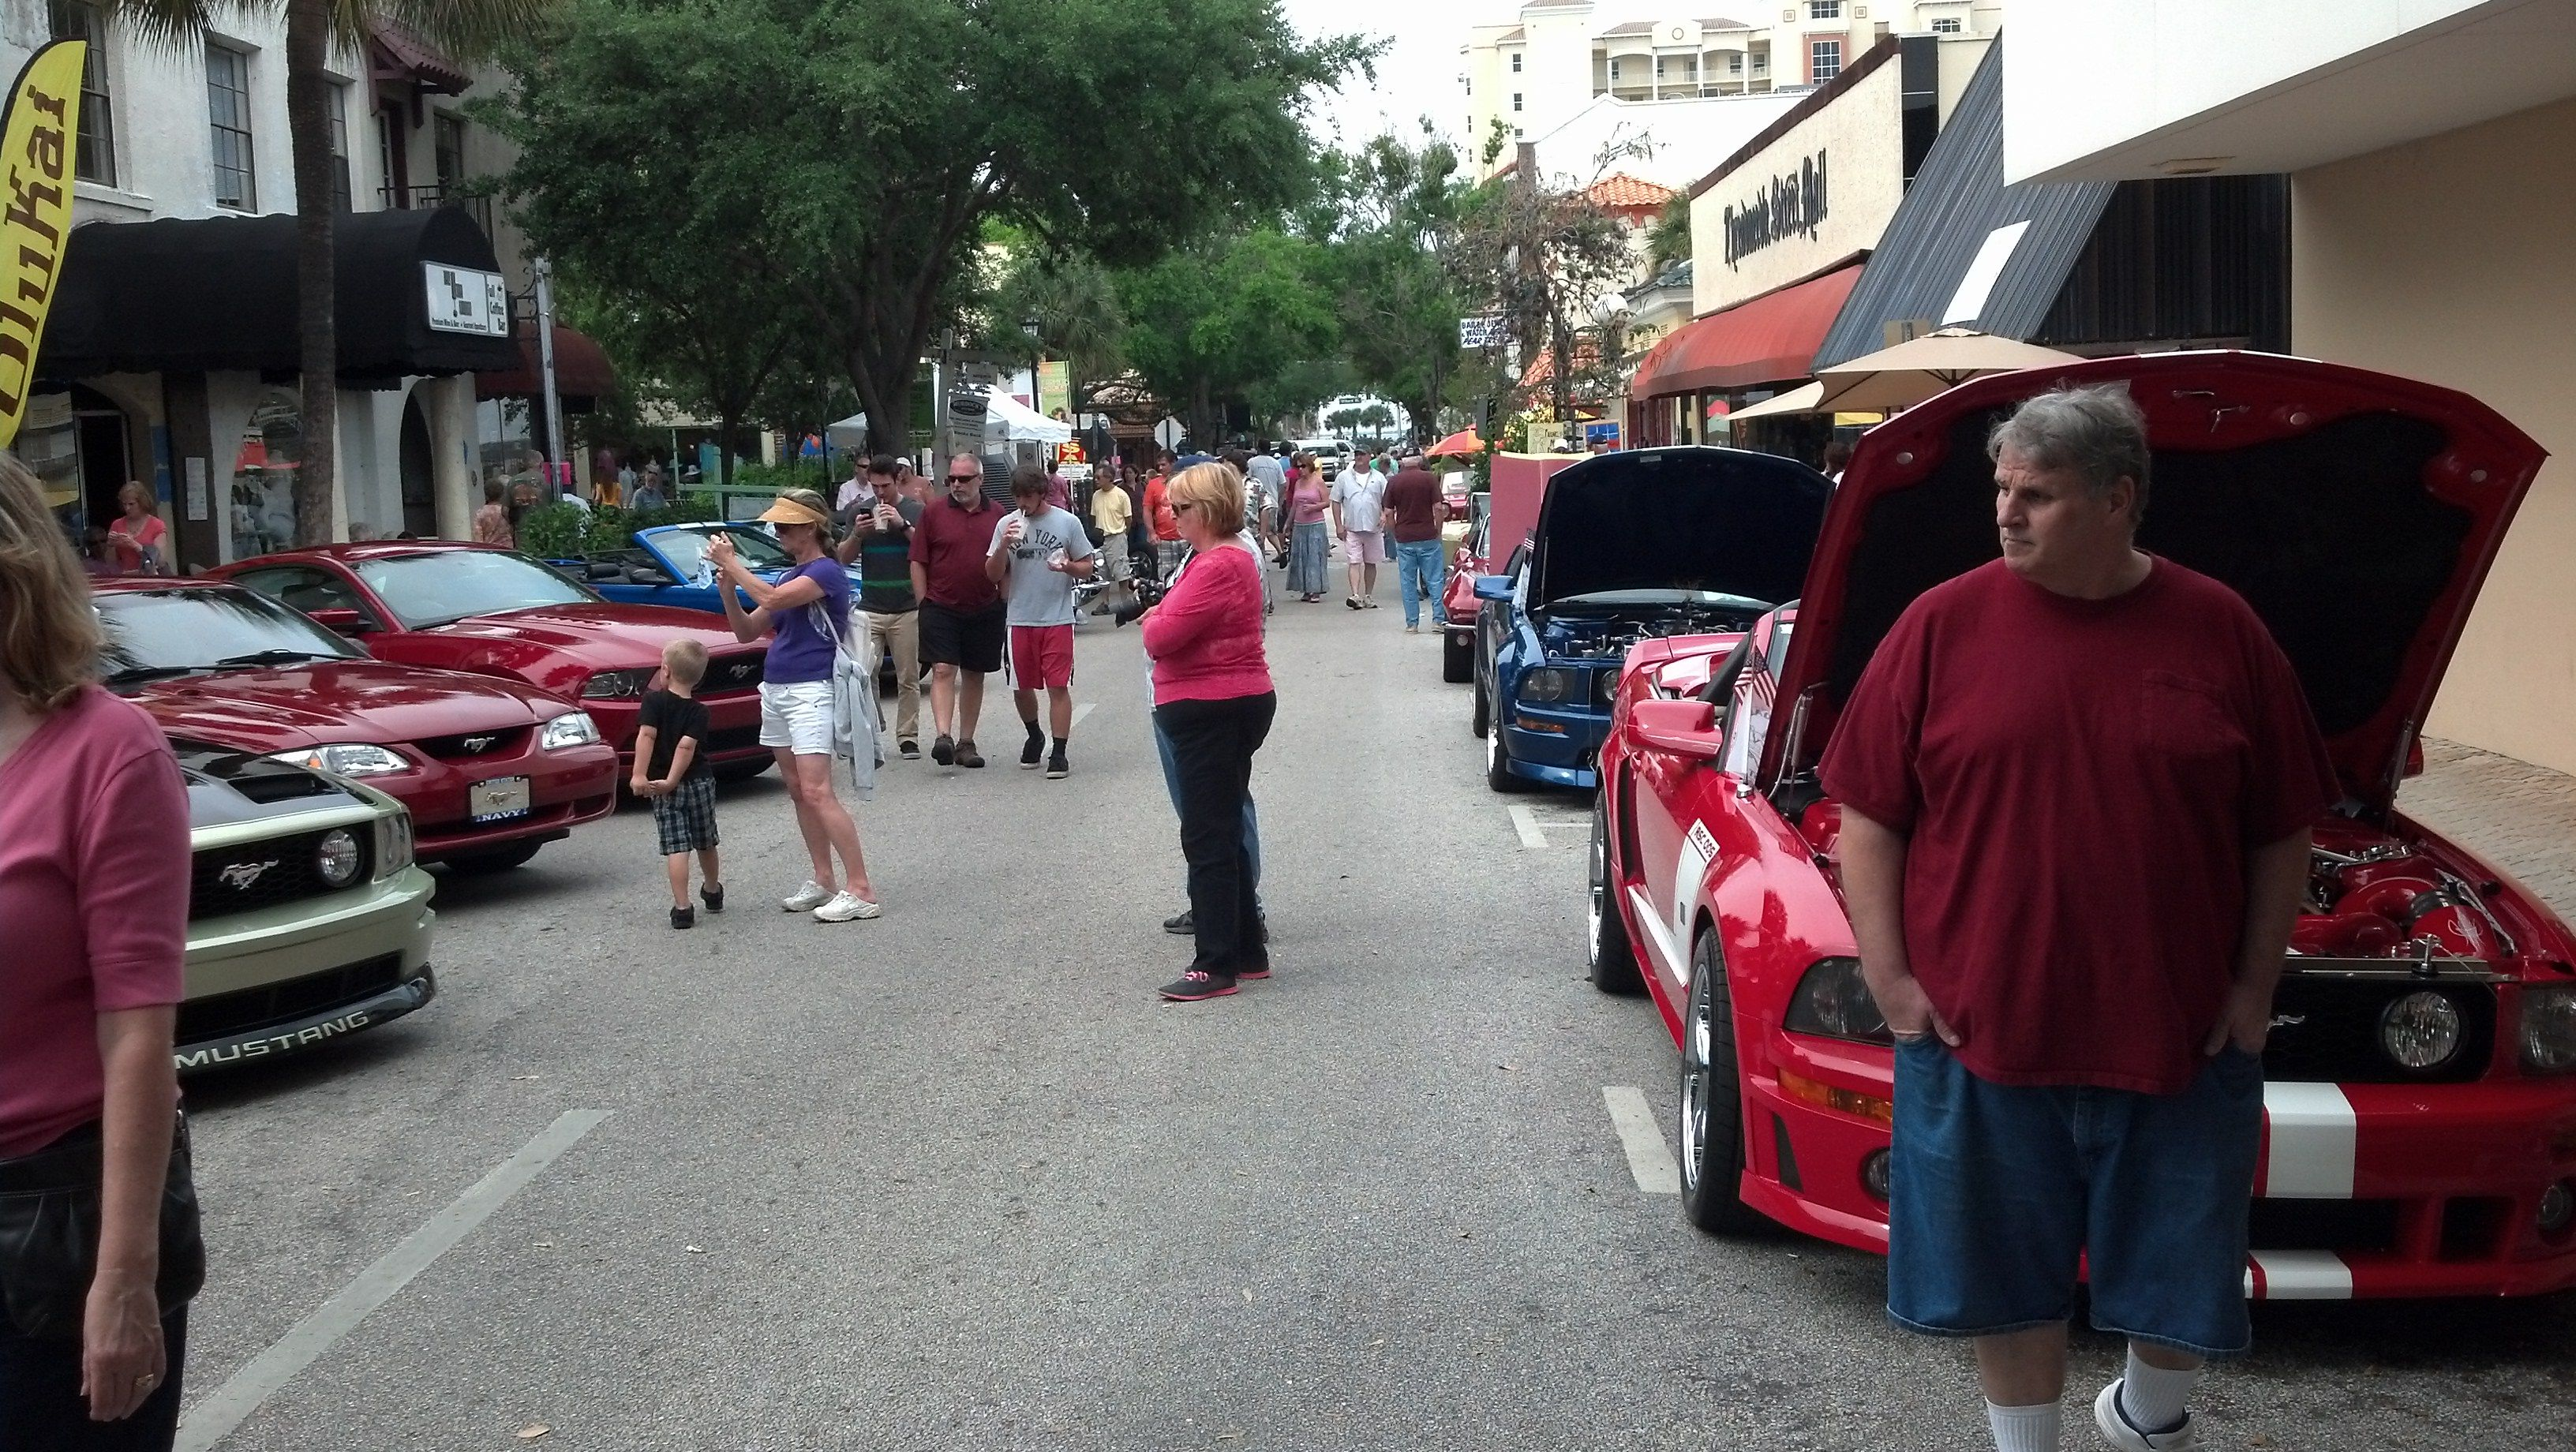 Central Florida Car Show Cocoa Florida Cocoa Florida Pinterest - Cocoa car show